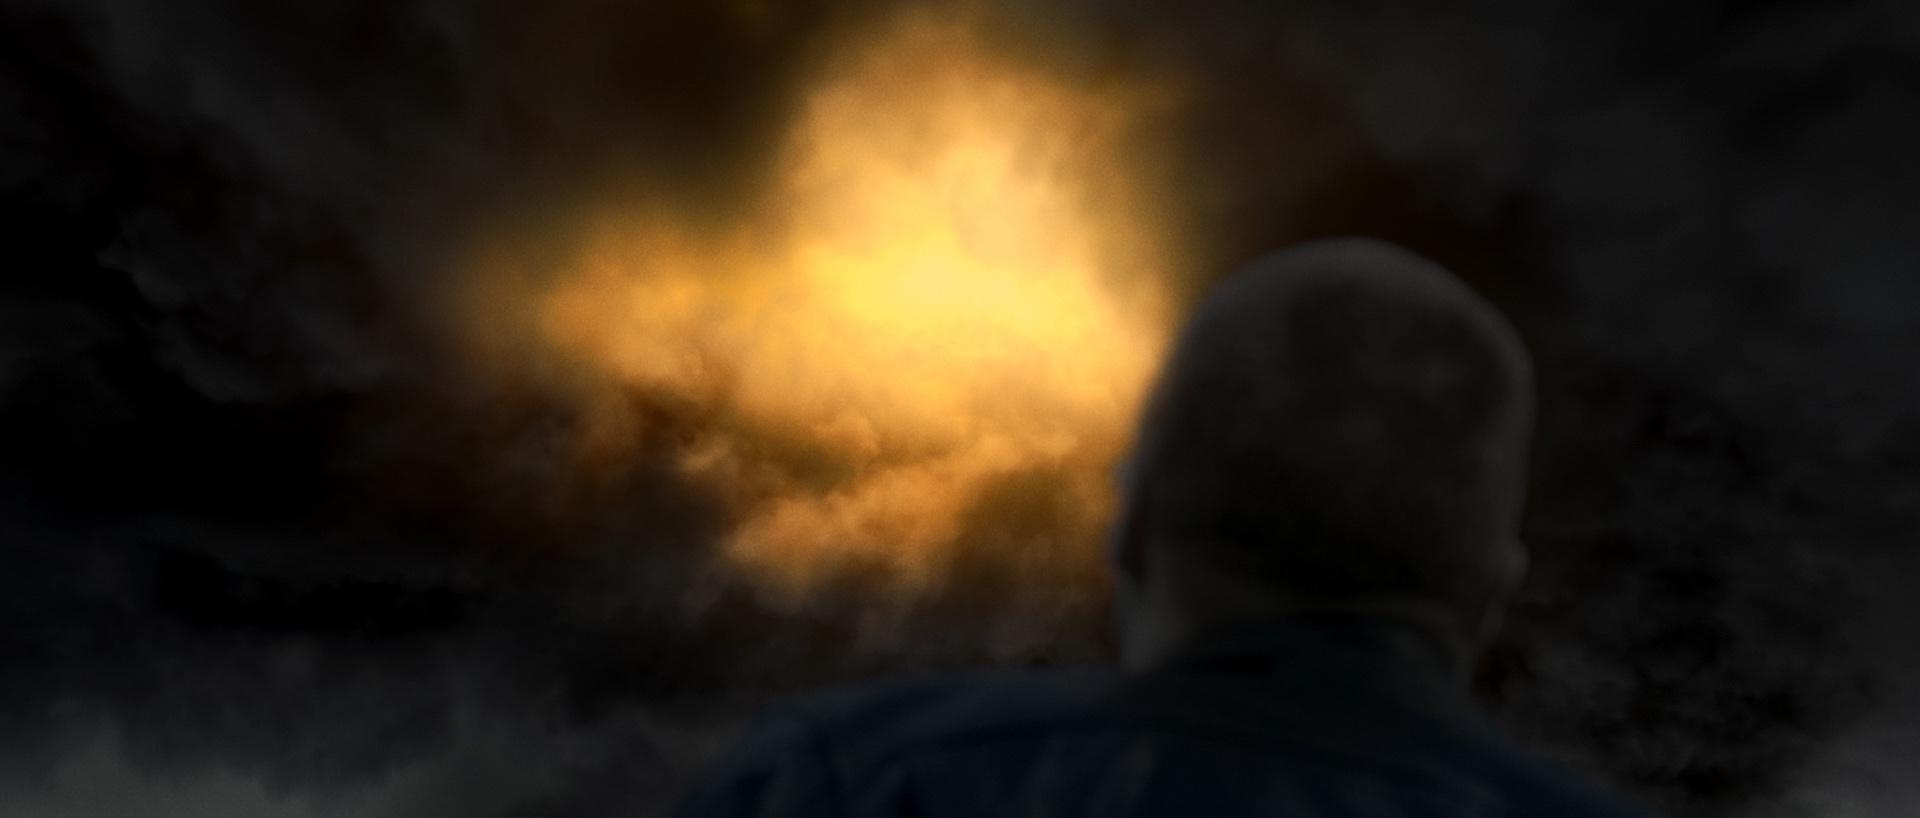 A still from short film Gods Kingdom